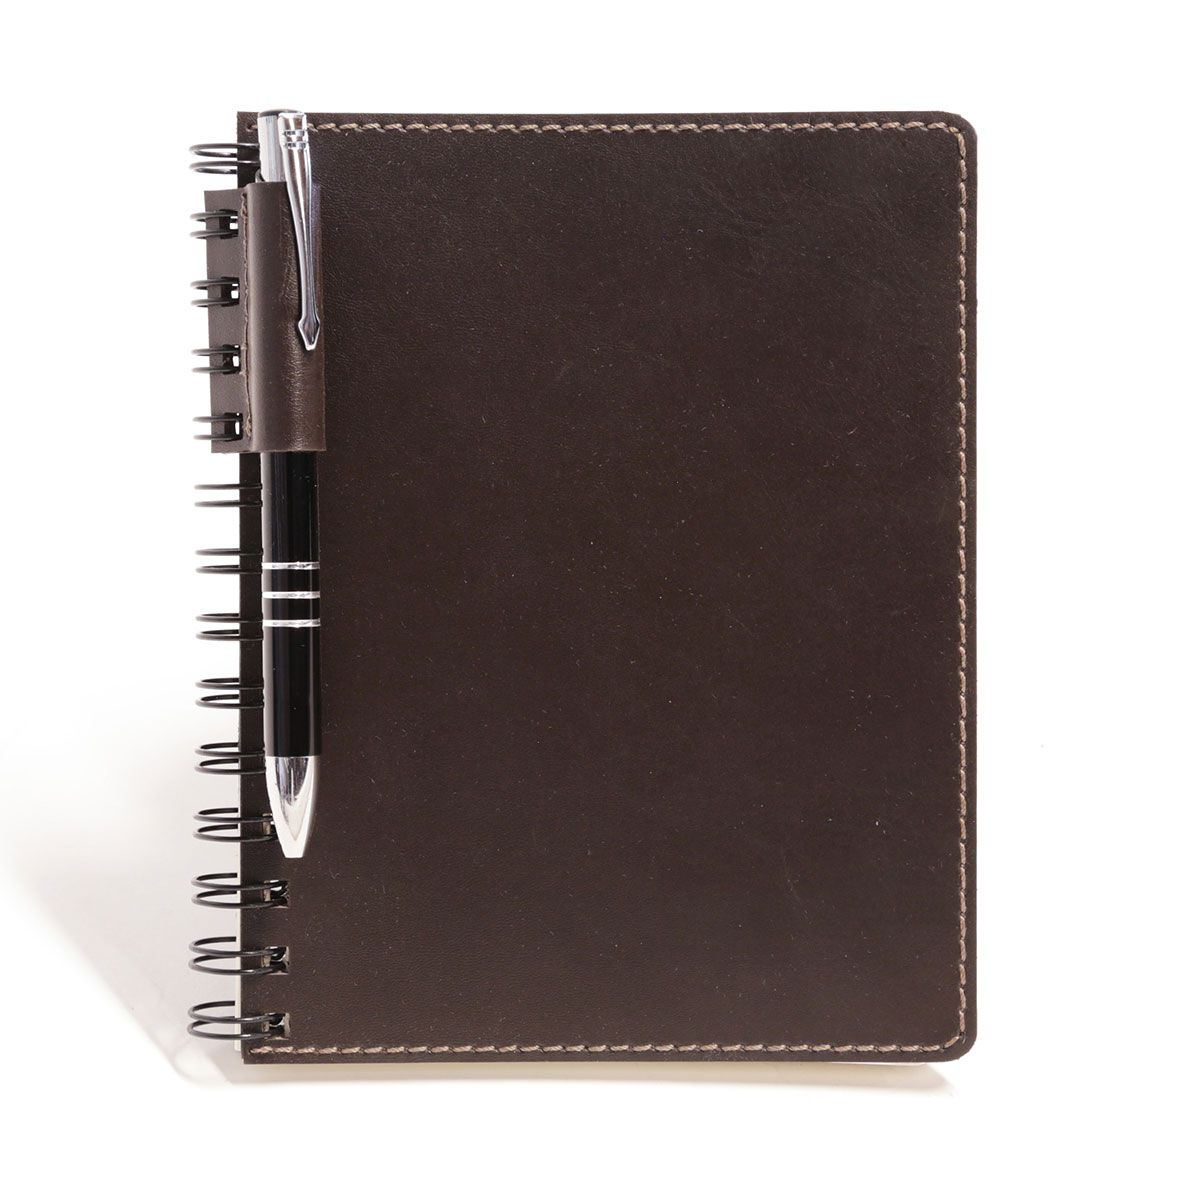 Caderno wire-o com caneta (Montana Marrom)